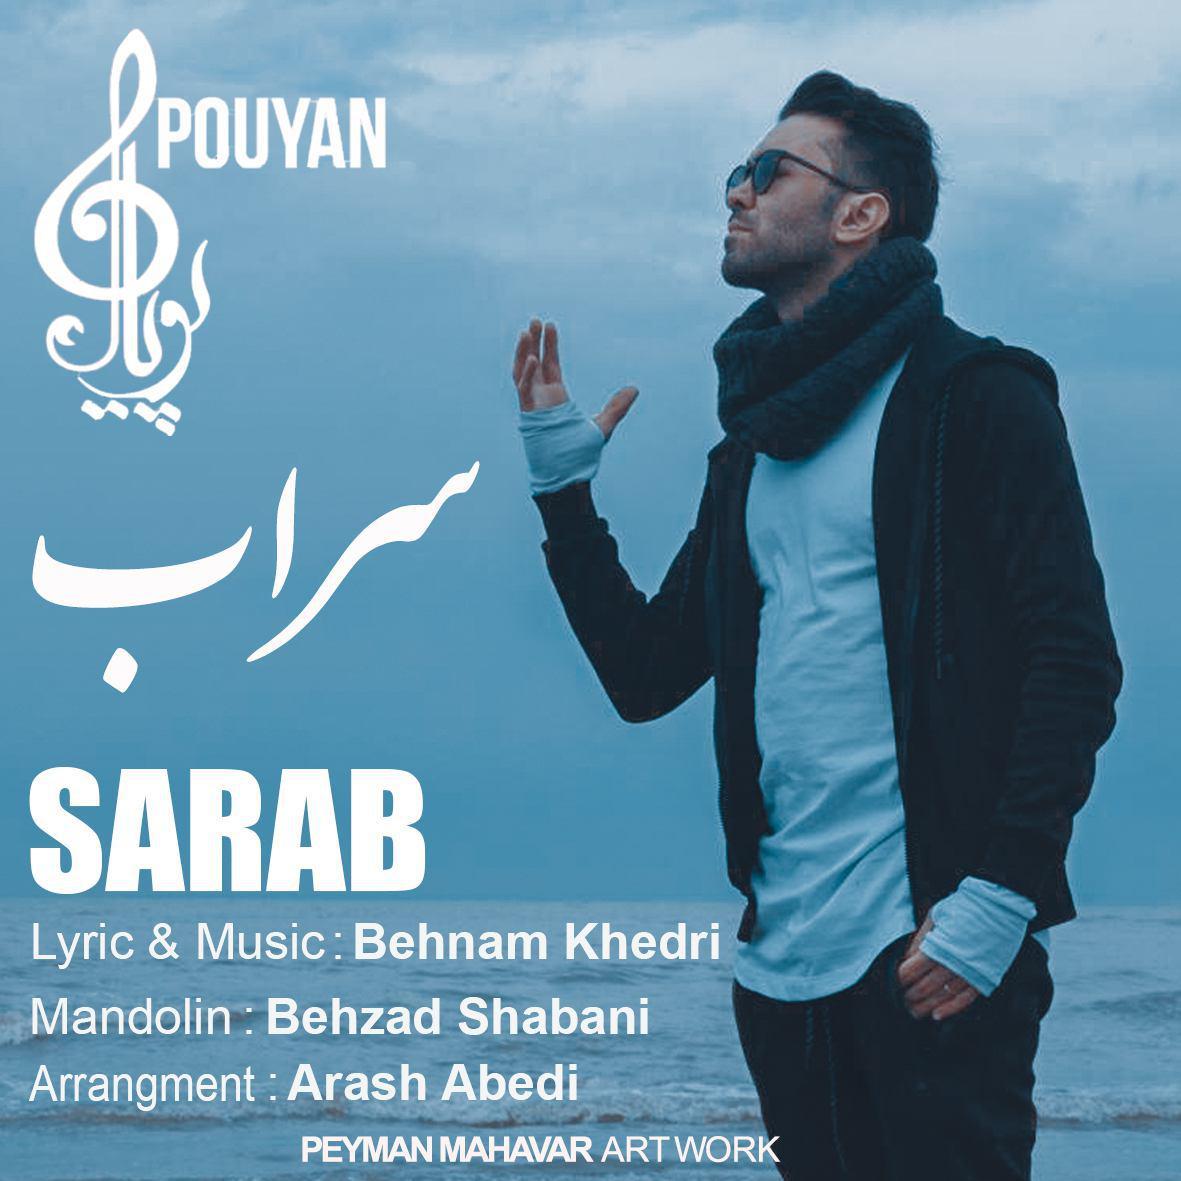 Pouyan – Sarab